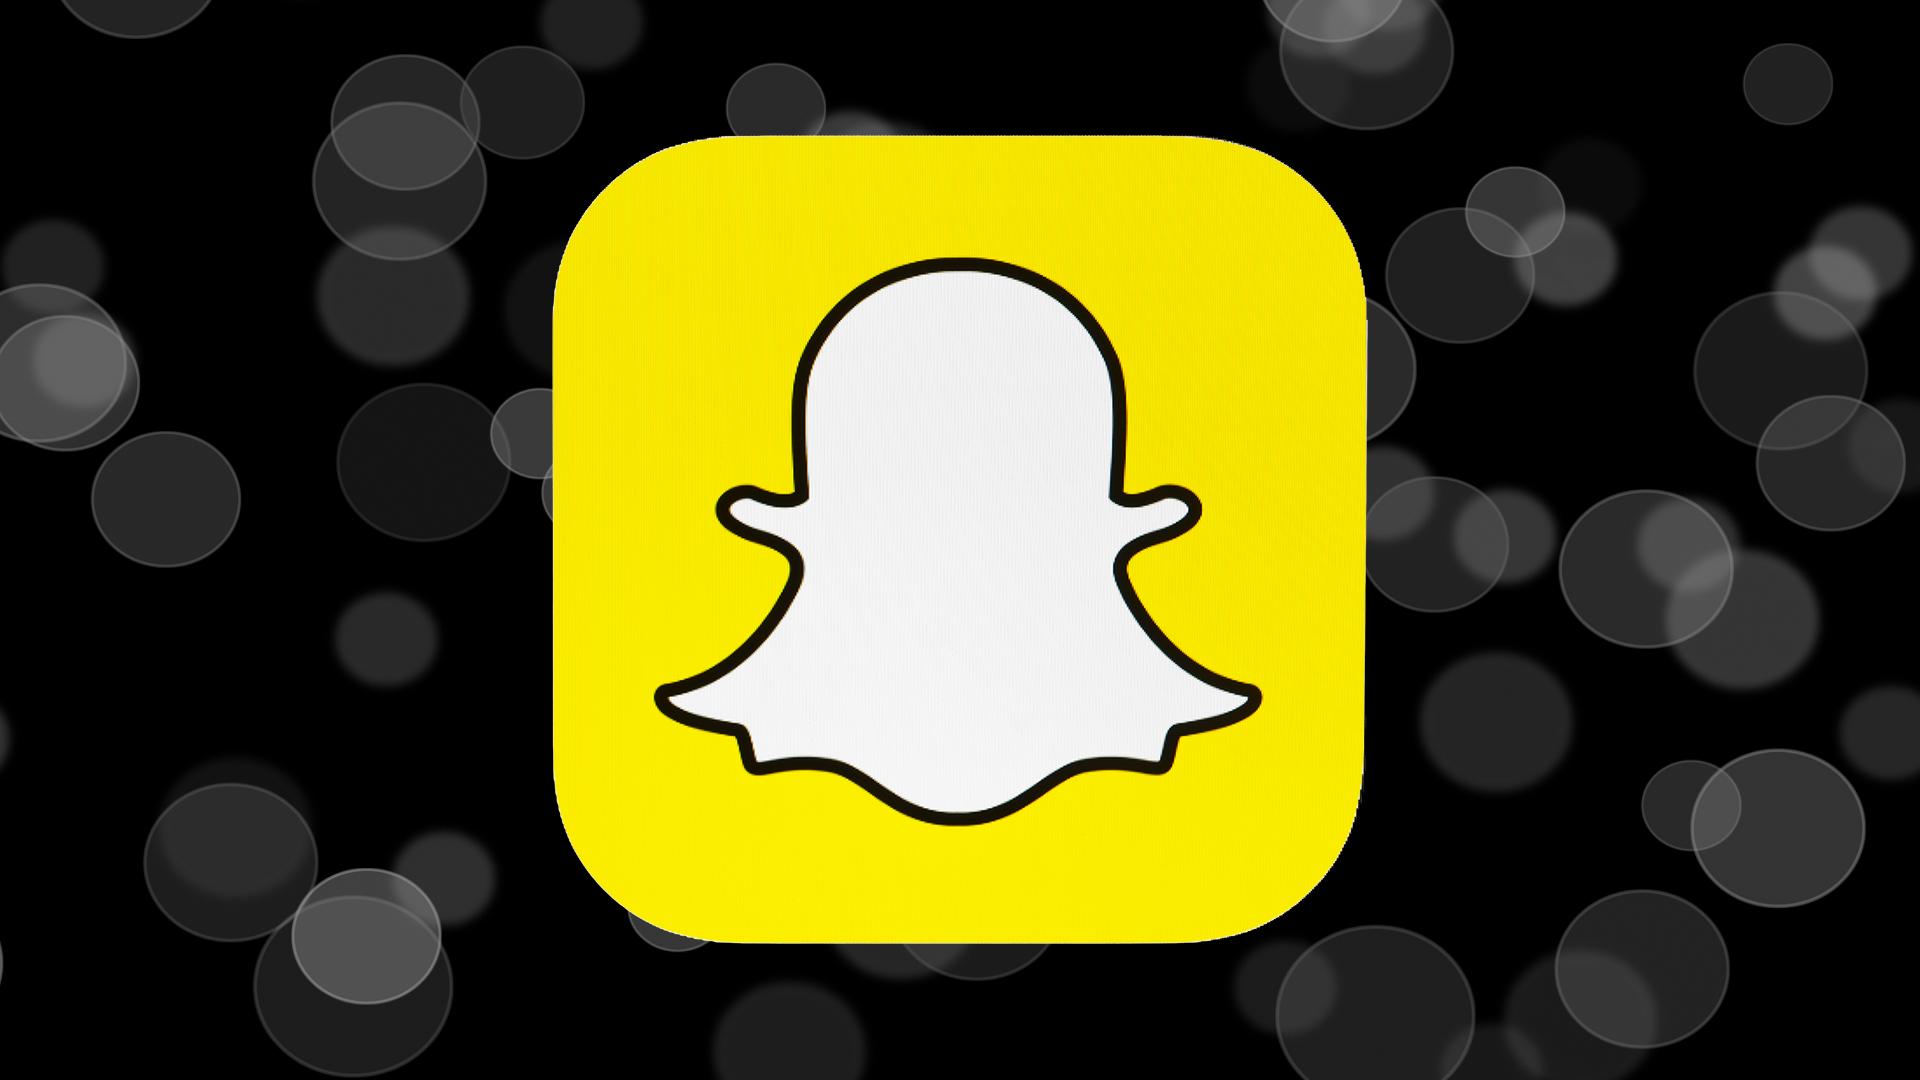 snapchat icon medium 1920 - تعرف على خطط شركة سناب شات القادمة لجذب المزيد من المستخدمين